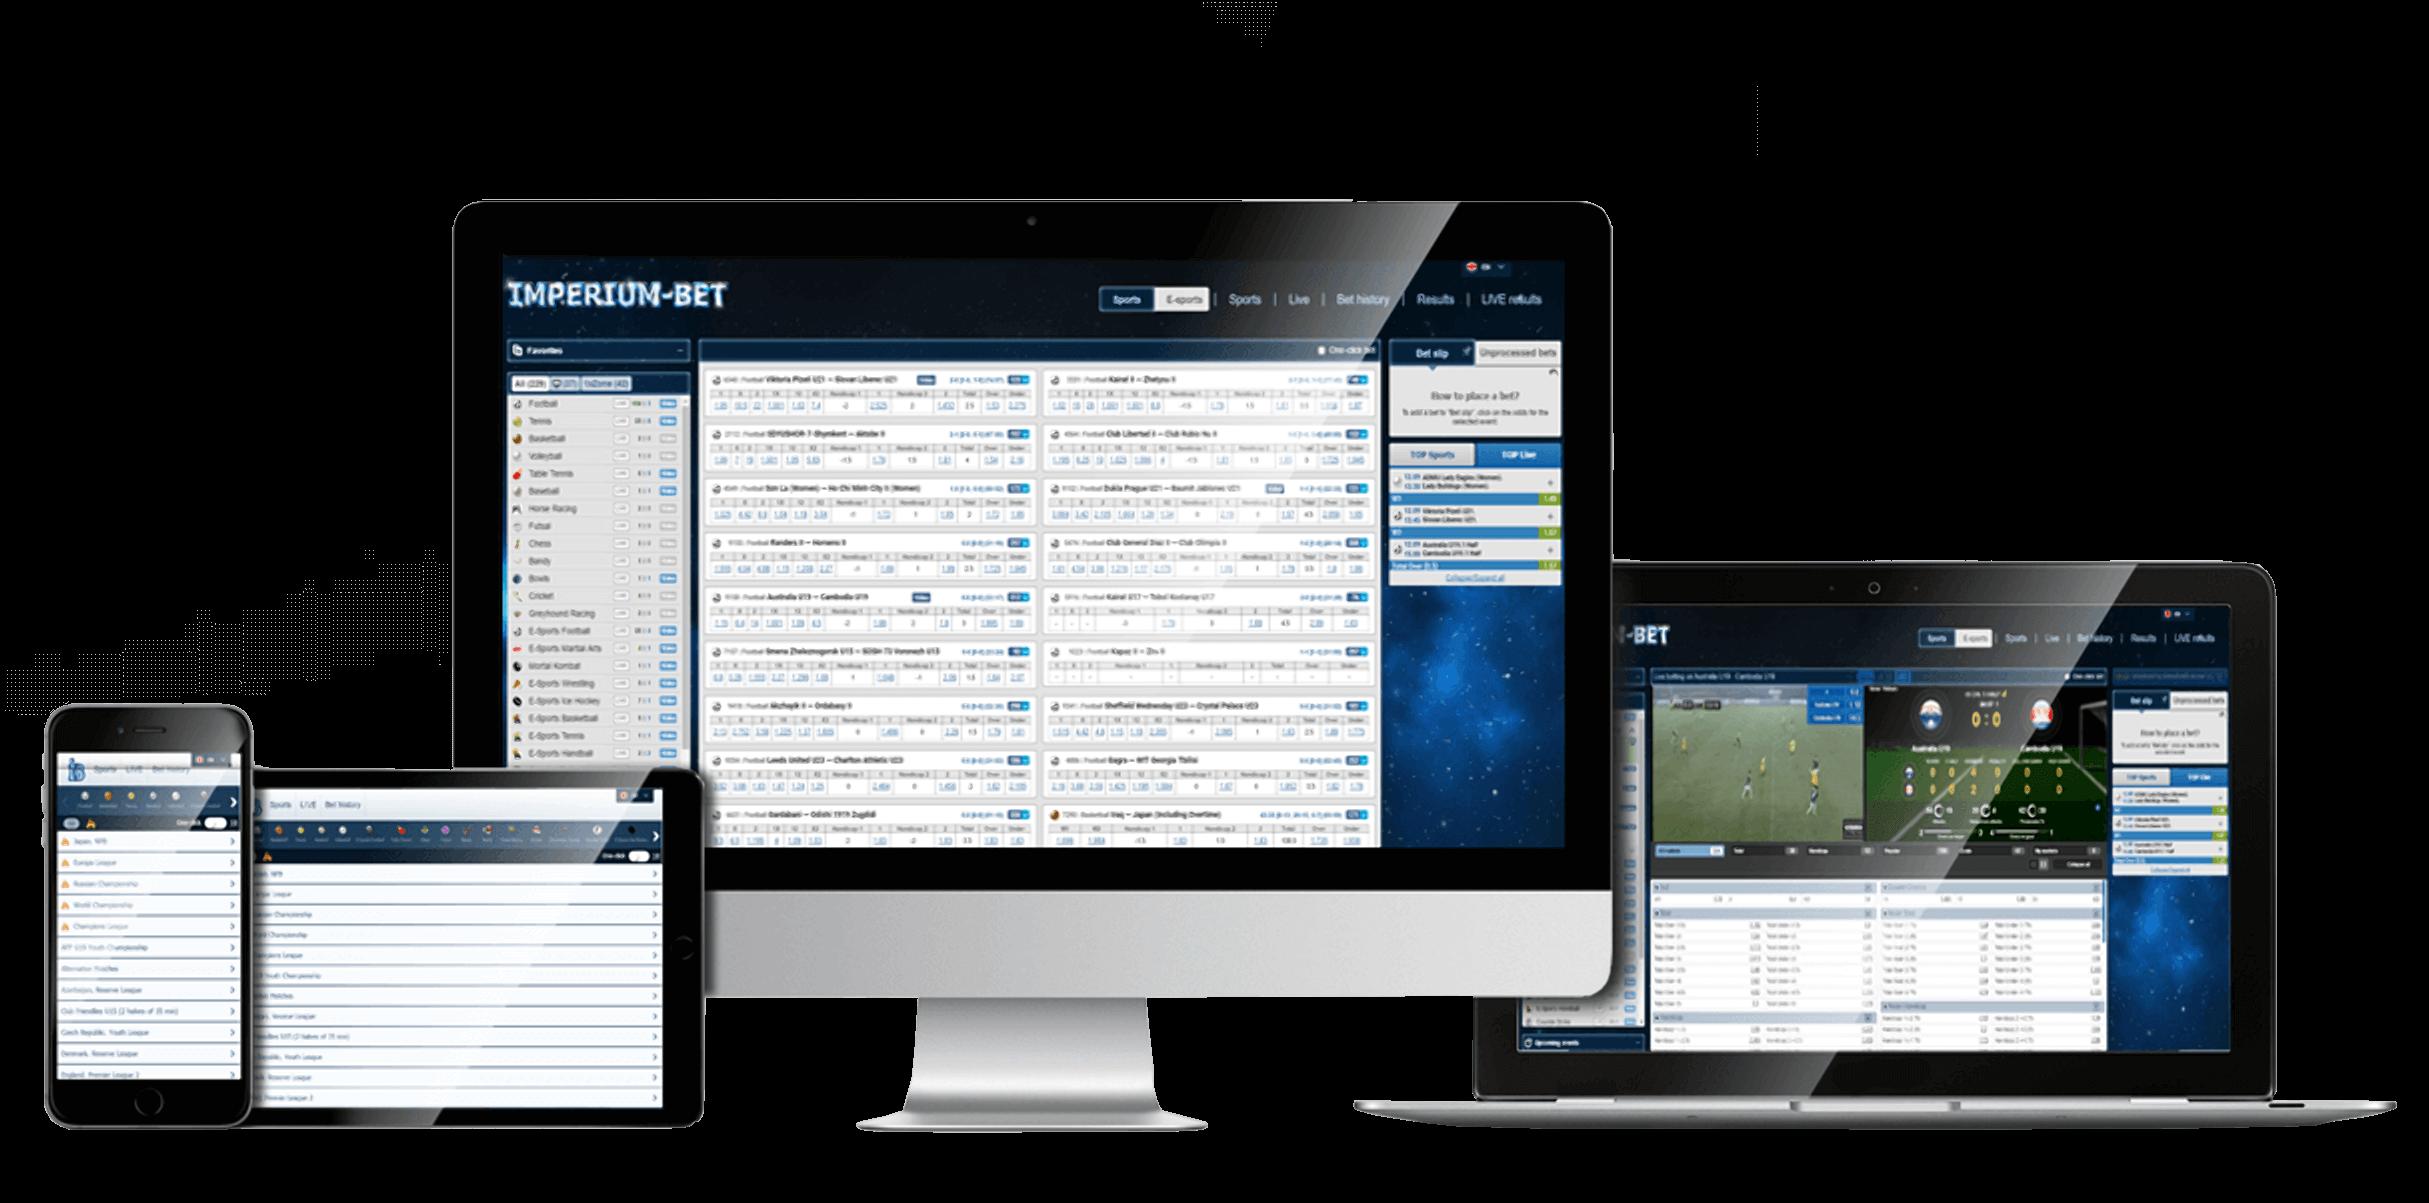 Букмекерская платформа ImperiumBet для всех устройств